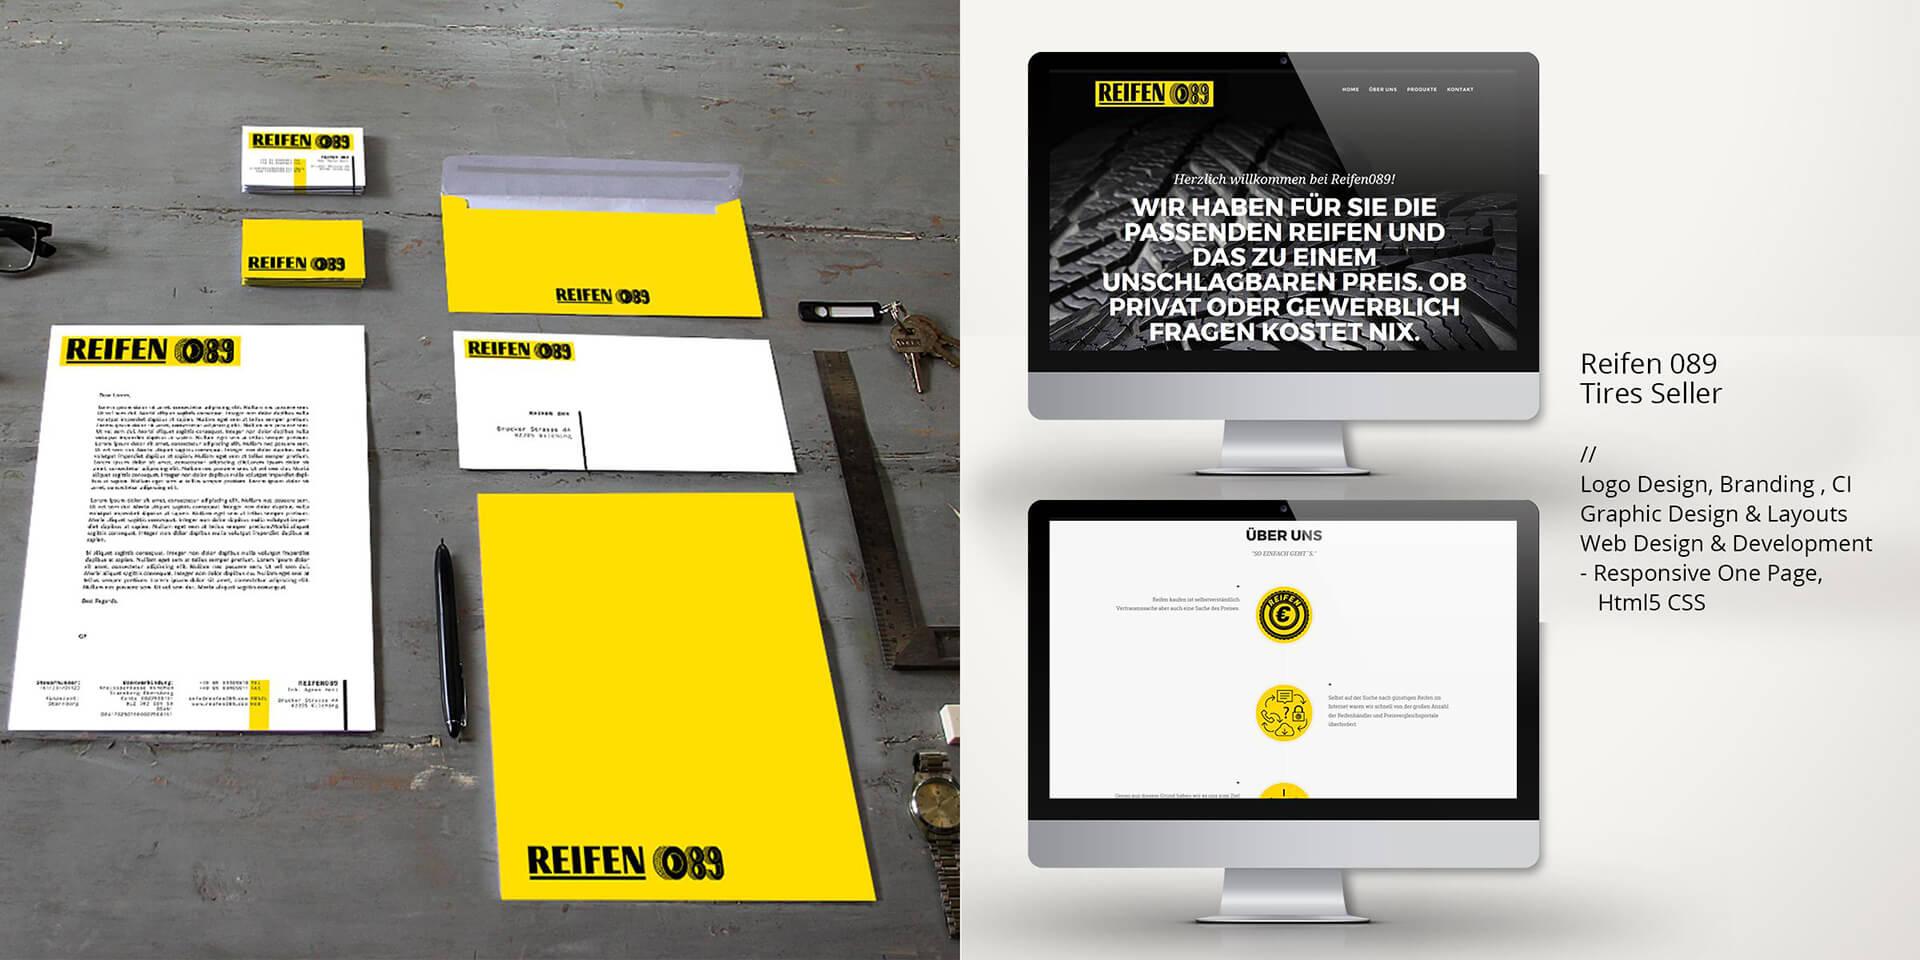 webdesign reifen089 website geschaeftsausstattung branding